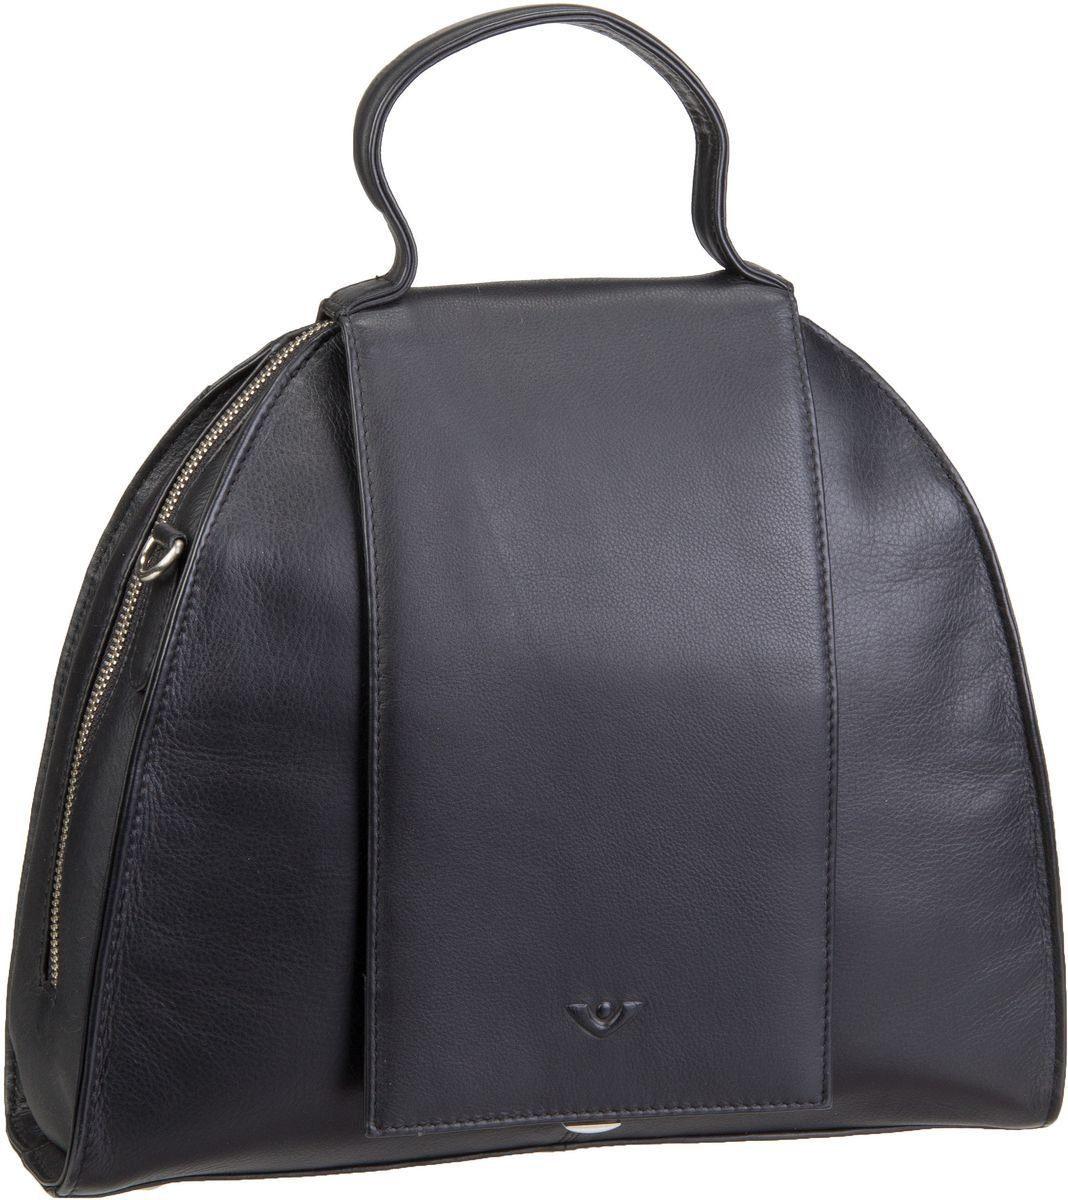 Voi Handtasche »Soft 21510 Kurzgrifftasche«